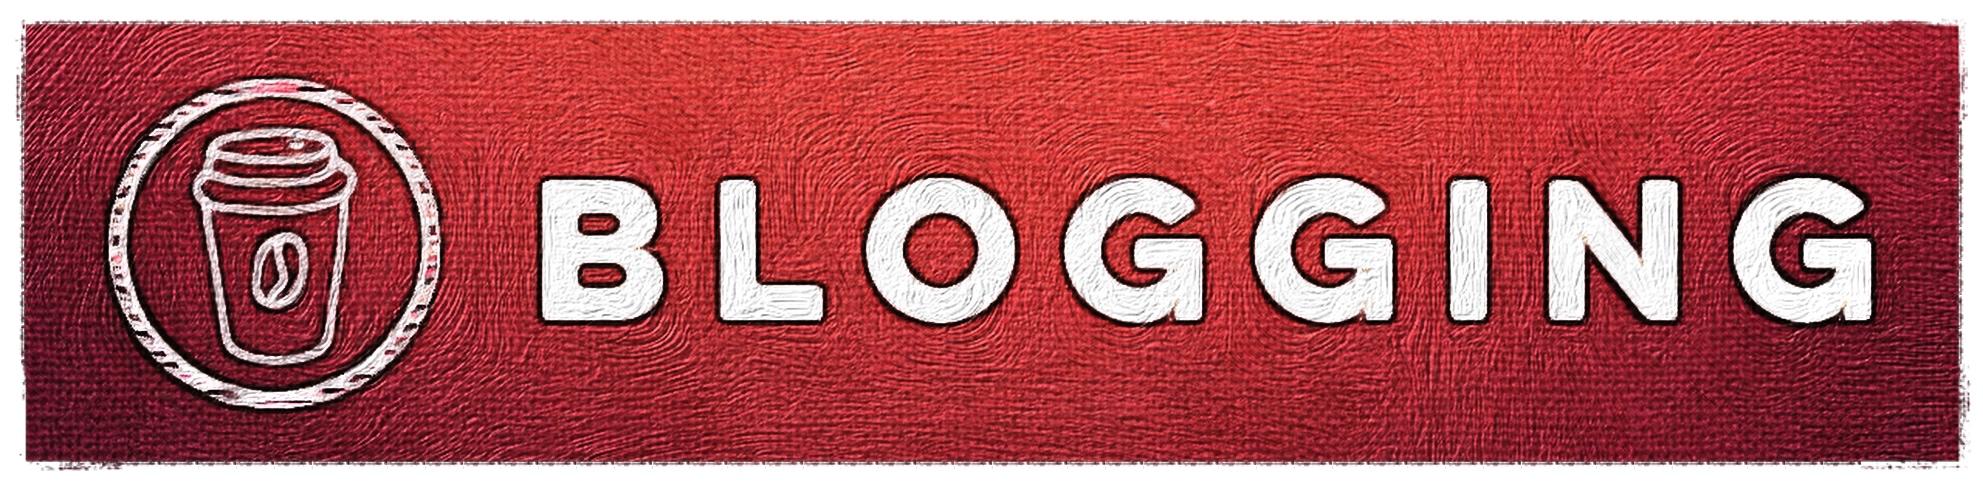 Blogging Services Cuppa SEO Web Design Madison WI